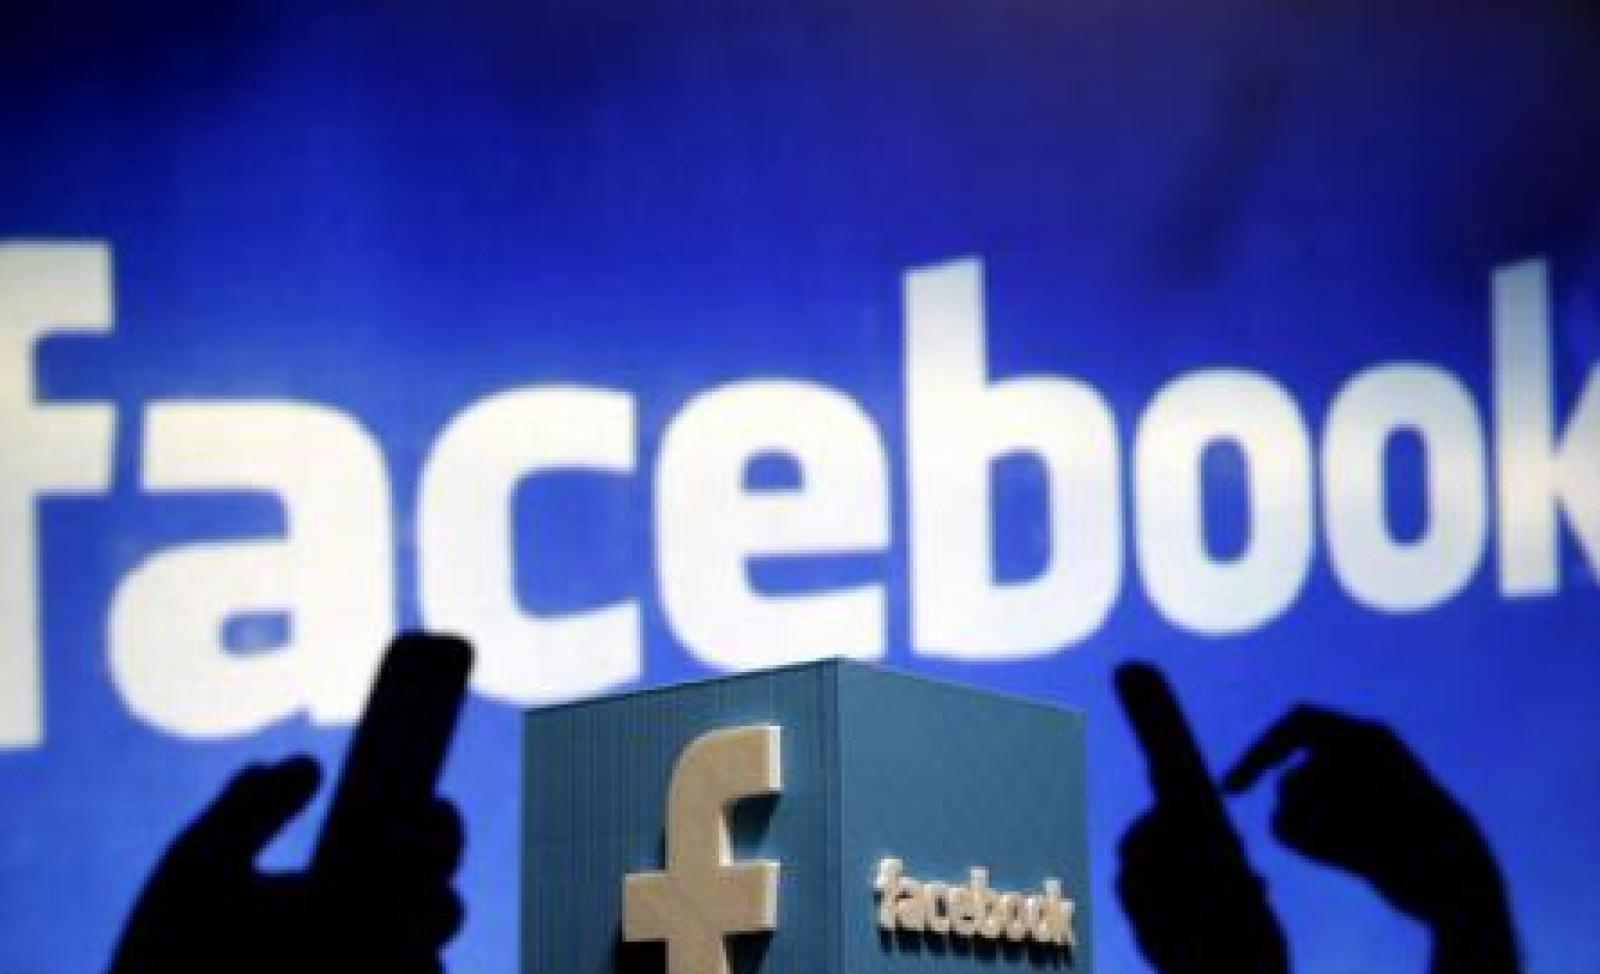 News Feed-ul, componenta de bază a Facebook, ar putea dispărea. Cu ce ar putea fi înlocuită